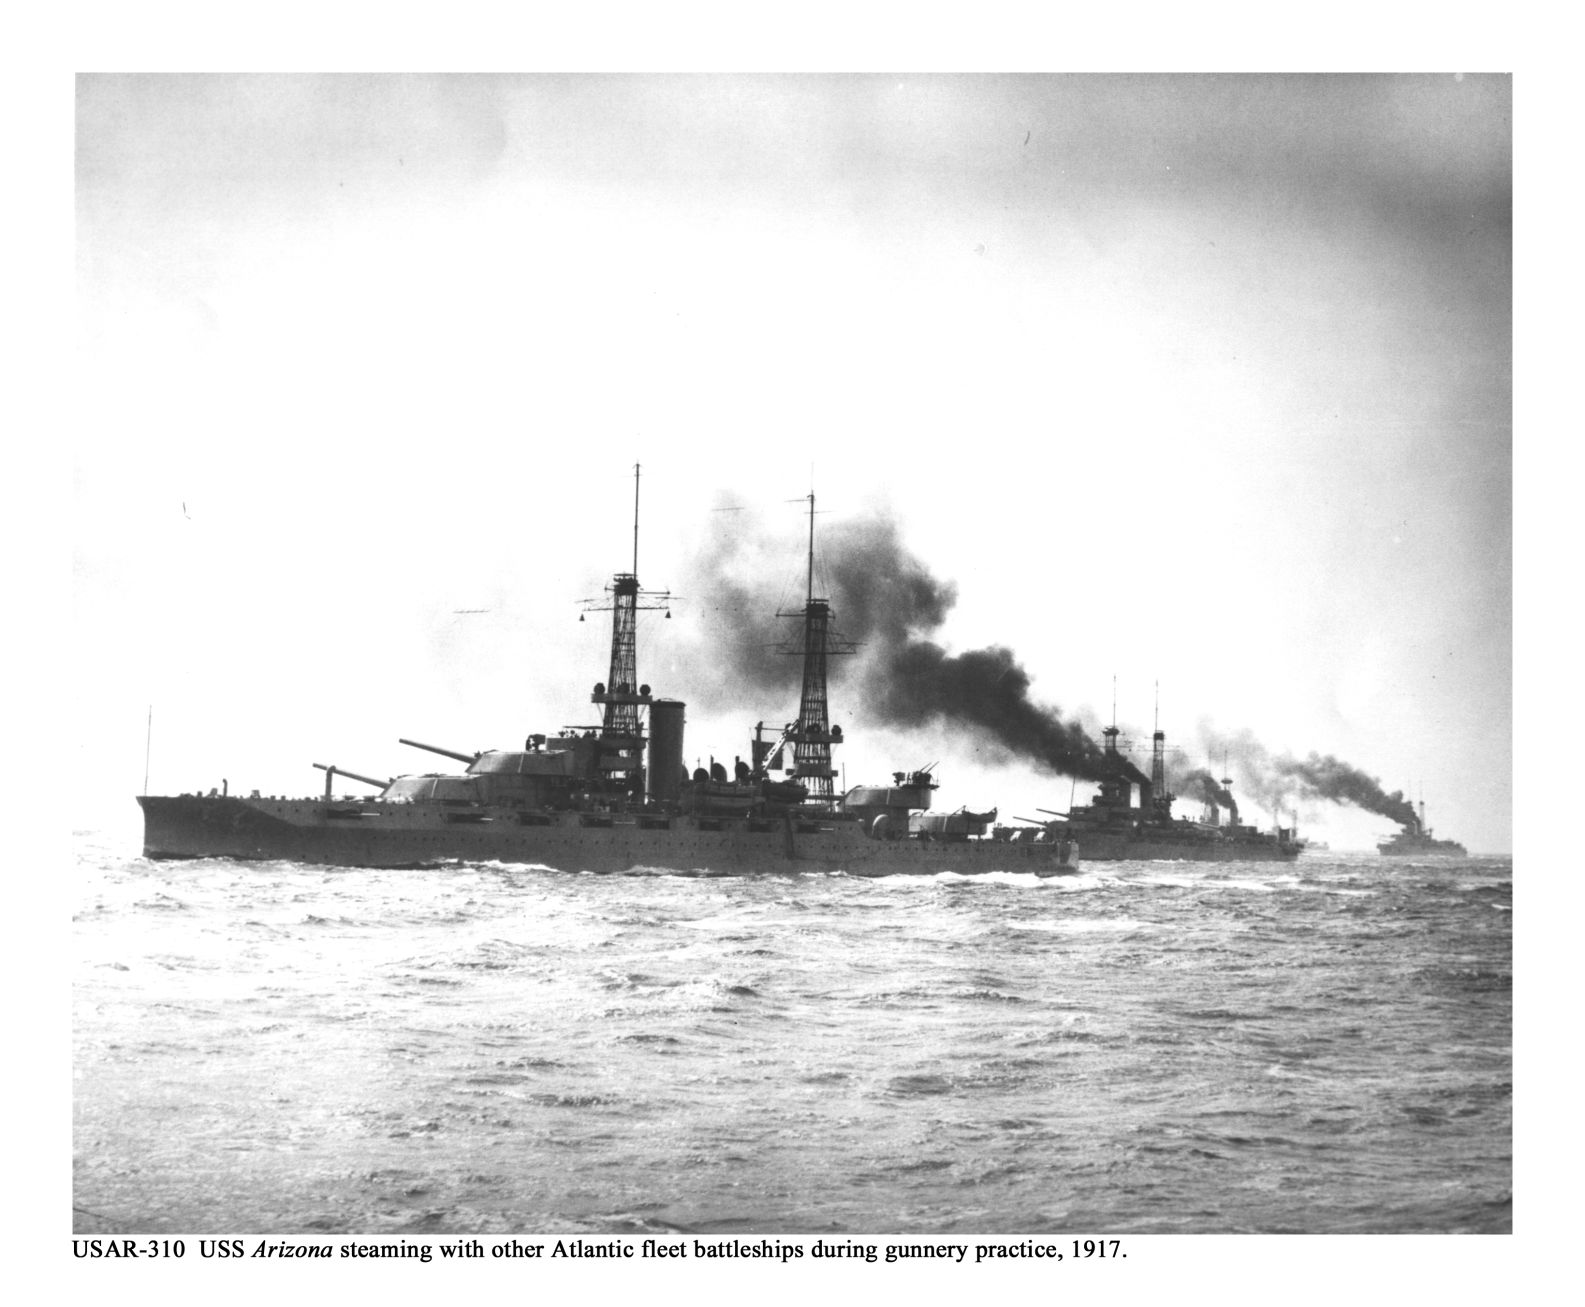 rarely seen photos of the uss arizona sunk dec 7 1941 in pearl harbor retro tucson tucson com [ 1200 x 990 Pixel ]